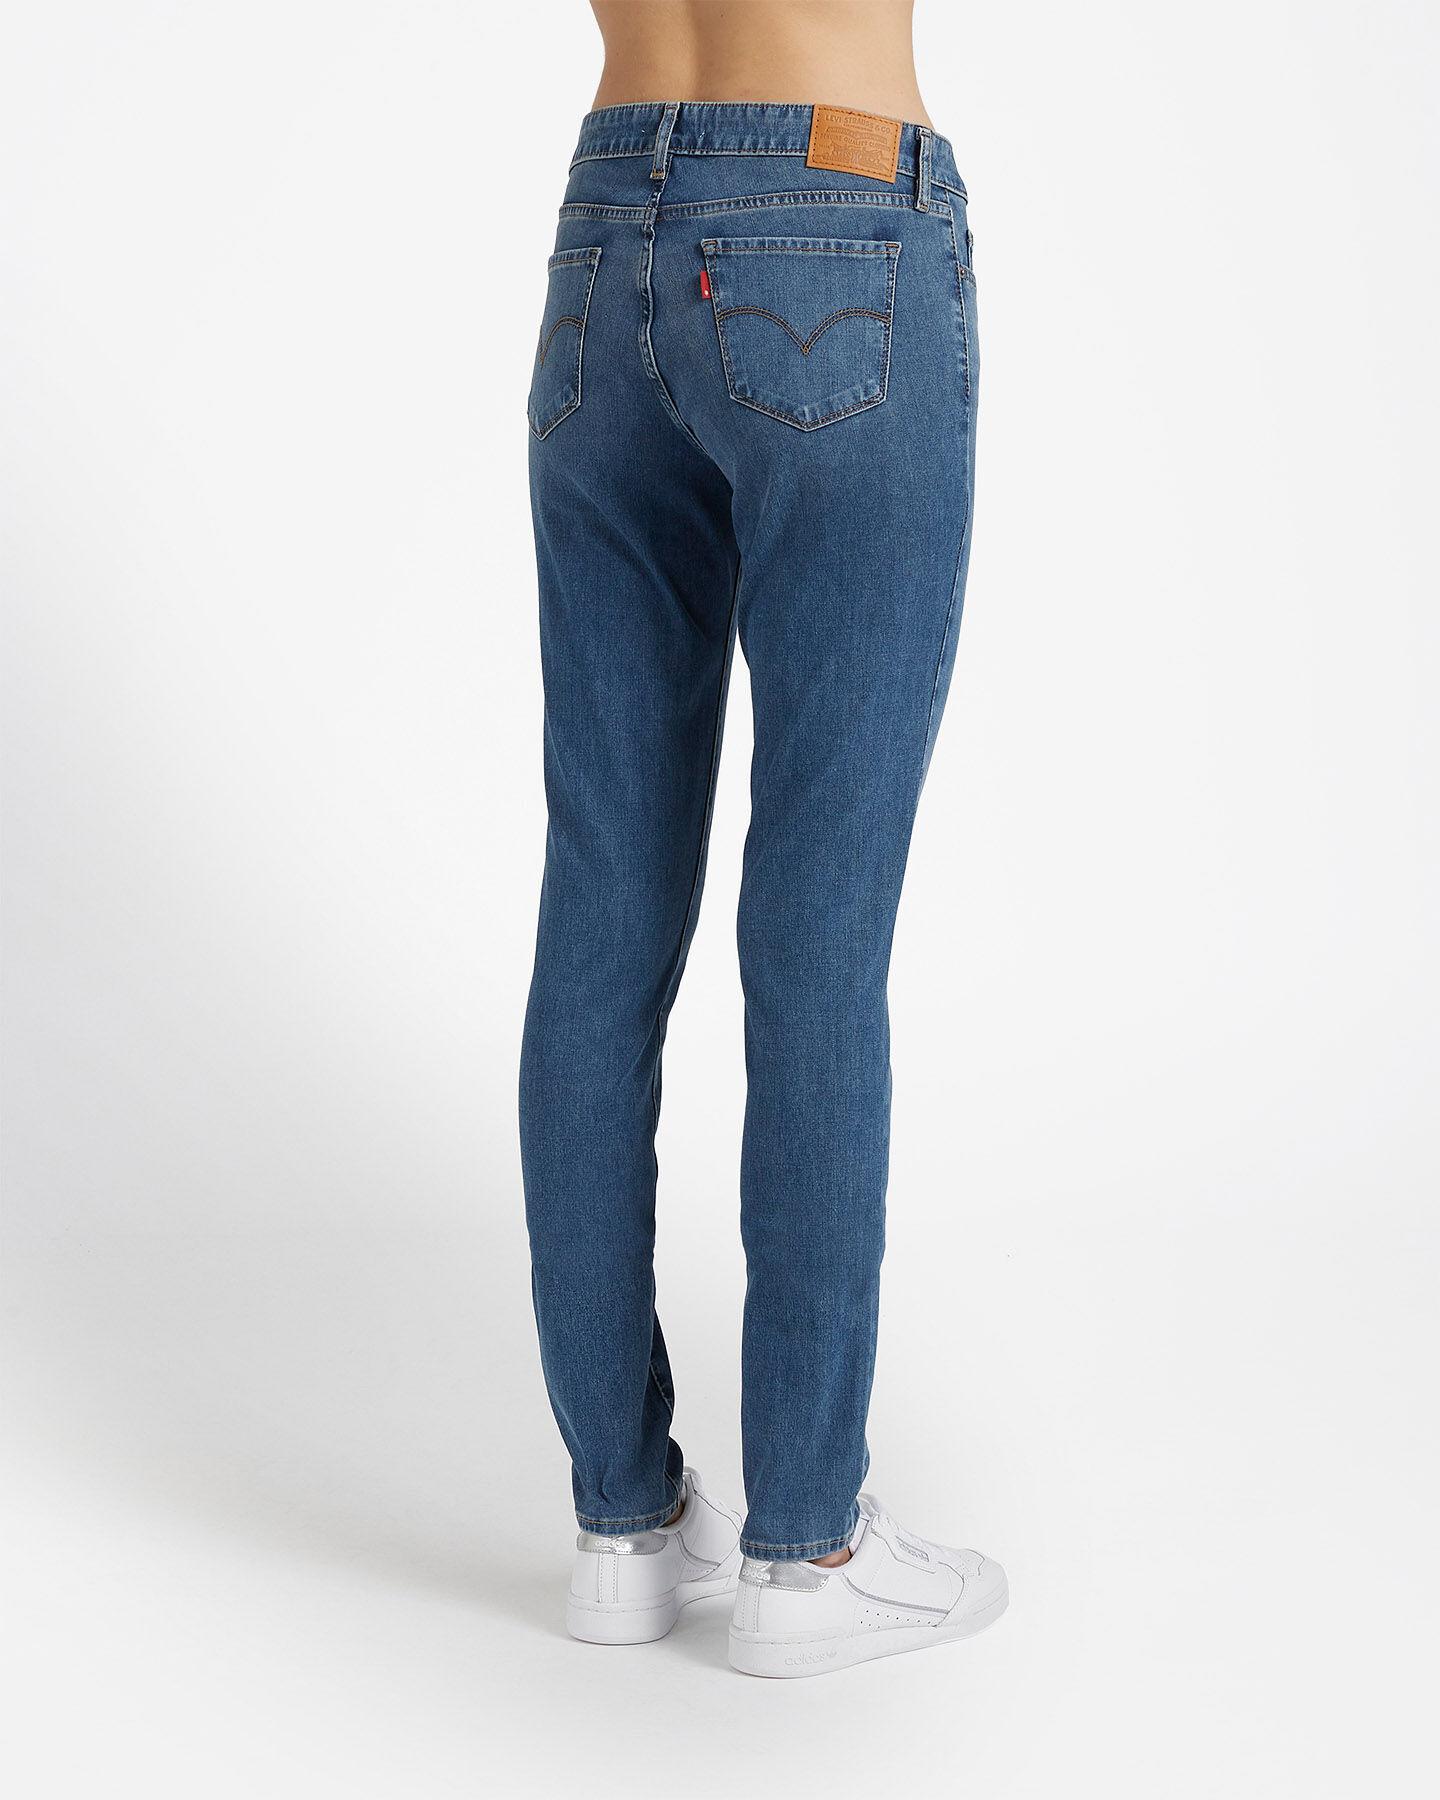 Jeans LEVI'S 711 SKINNY W S4077781 scatto 1